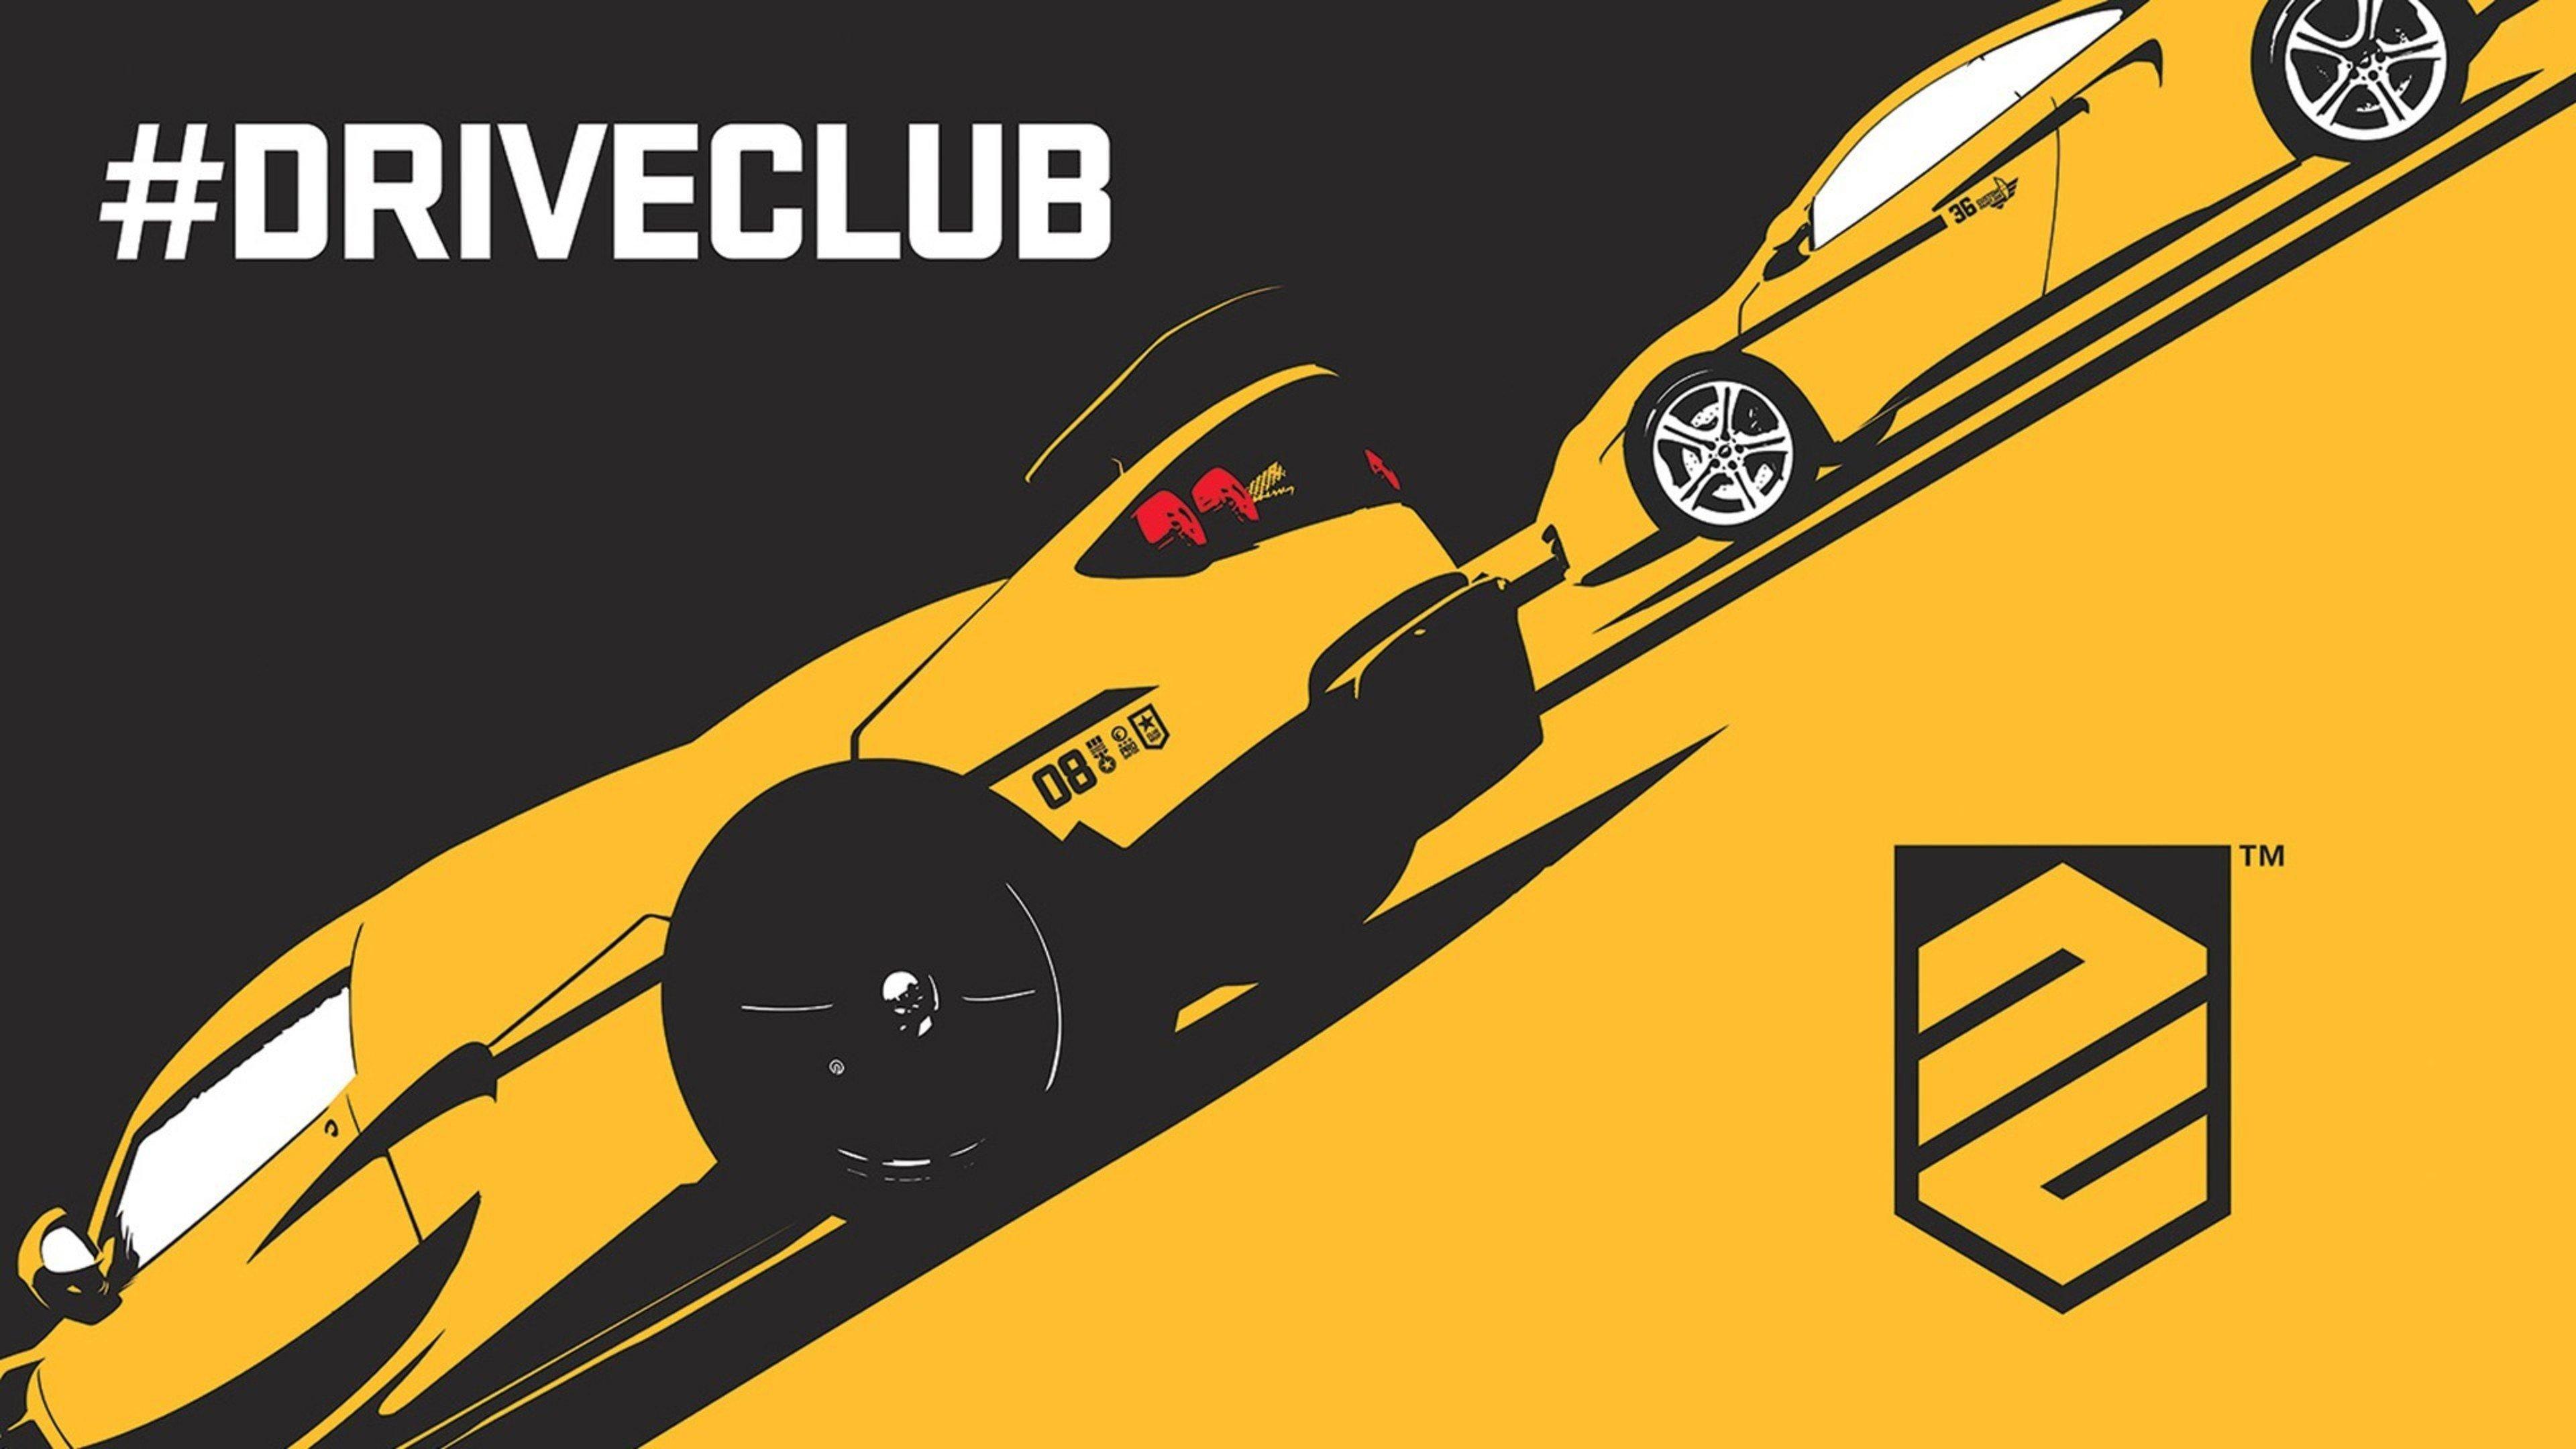 Driveclub la versione ps plus esce il 25 giugno